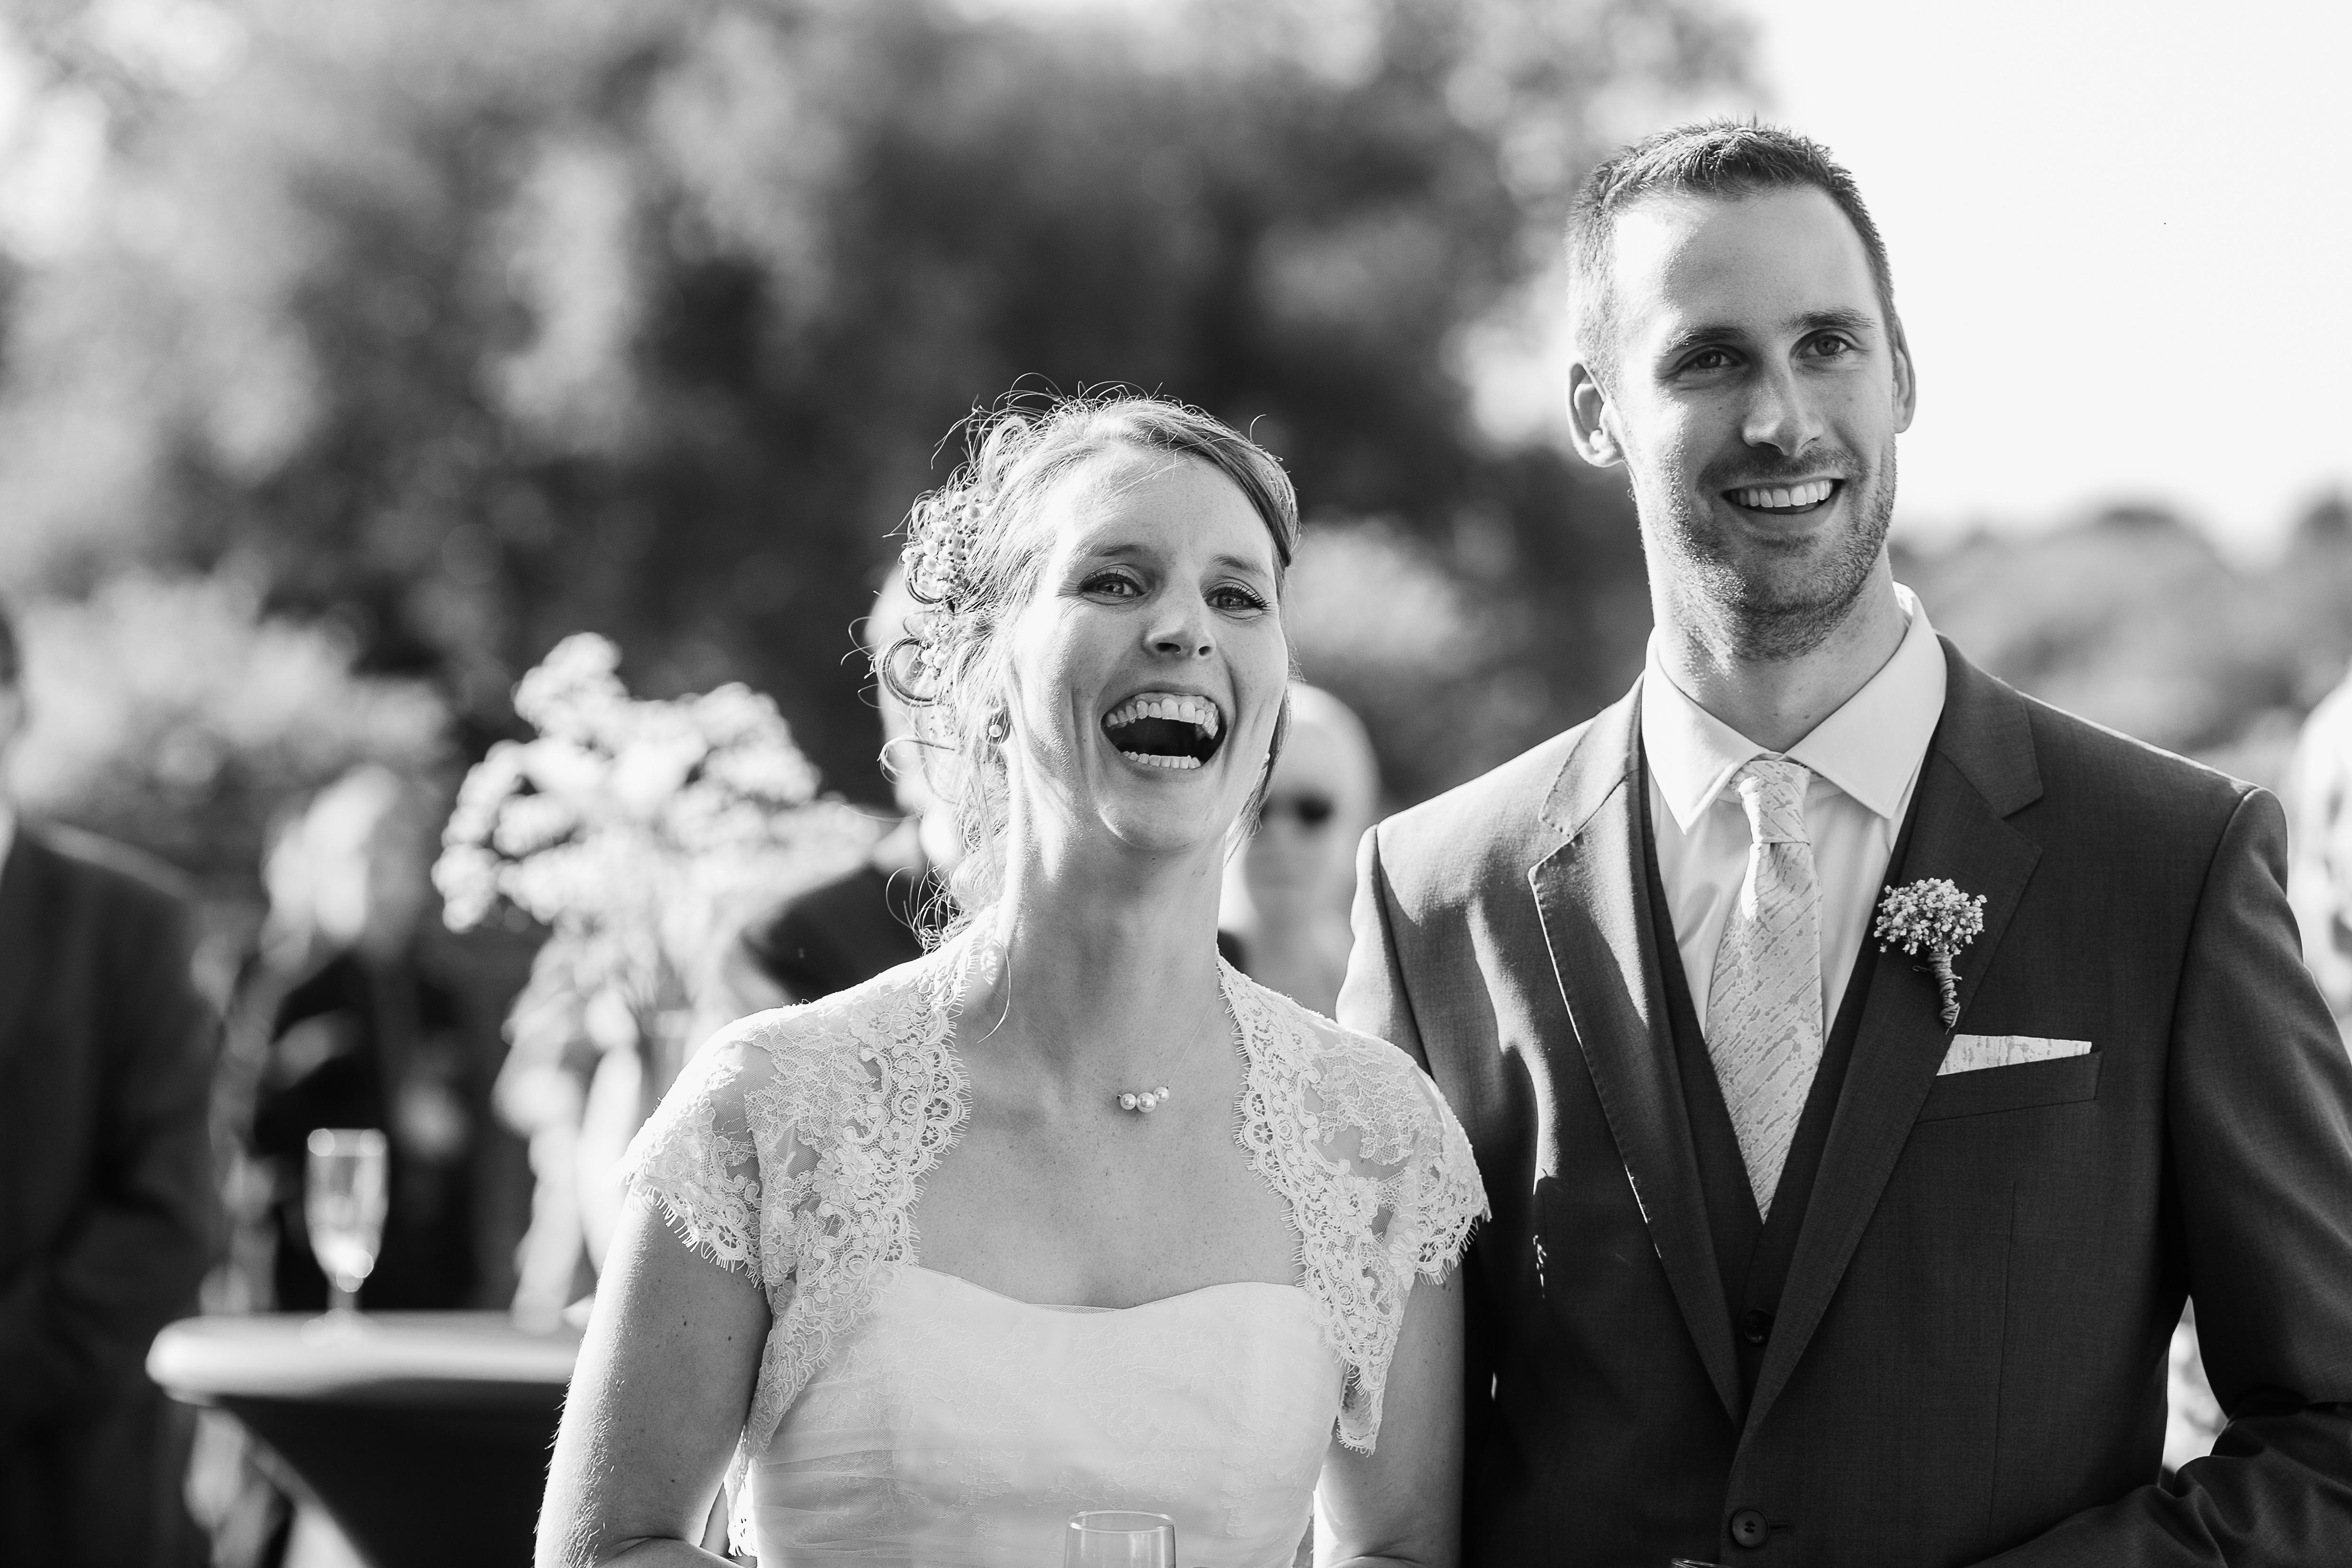 Mon mariage plein d'humour et de tendresse : un vin d'honneur plein de surprises